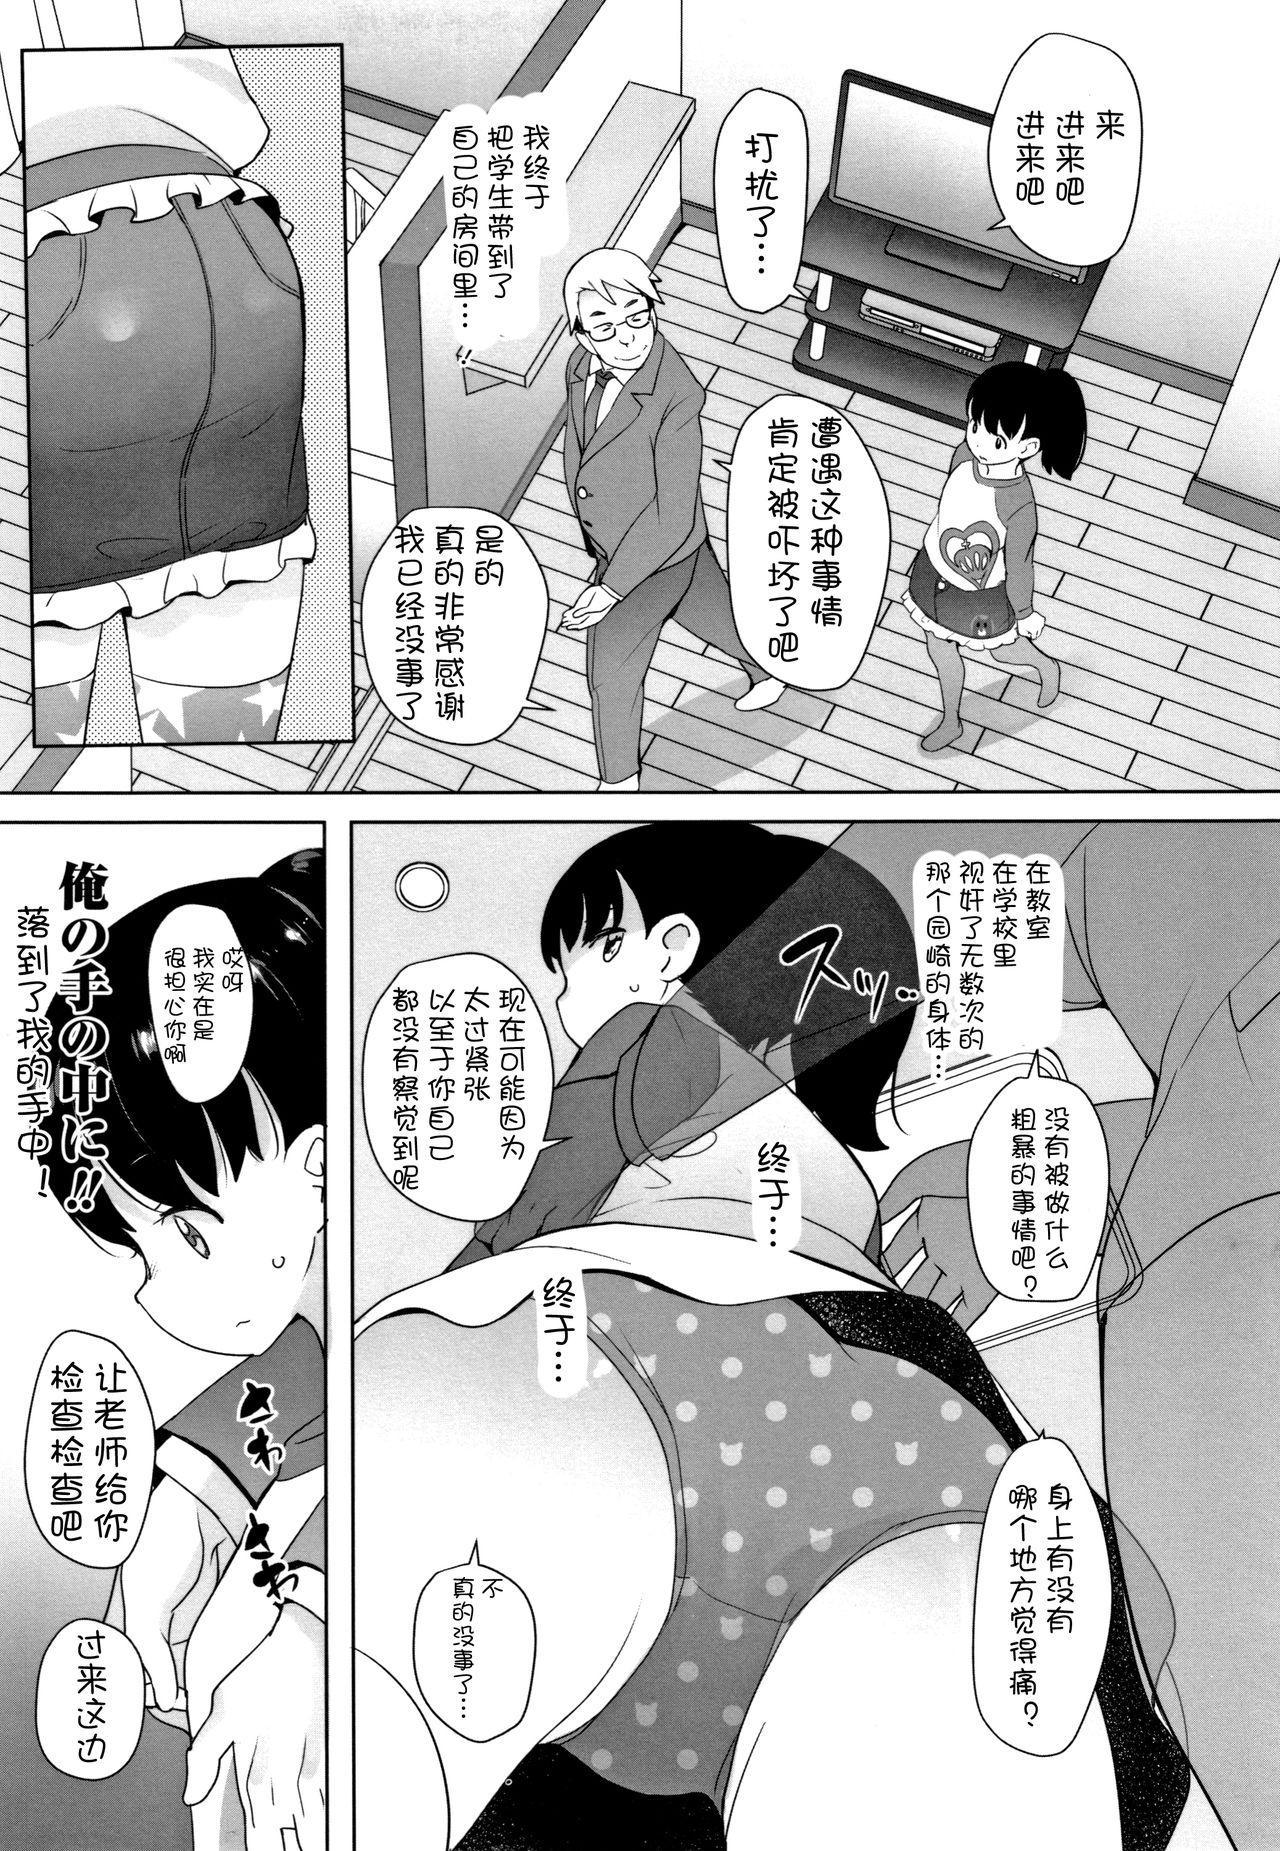 Nozoku Hito, Nozokareru Hito 3 5